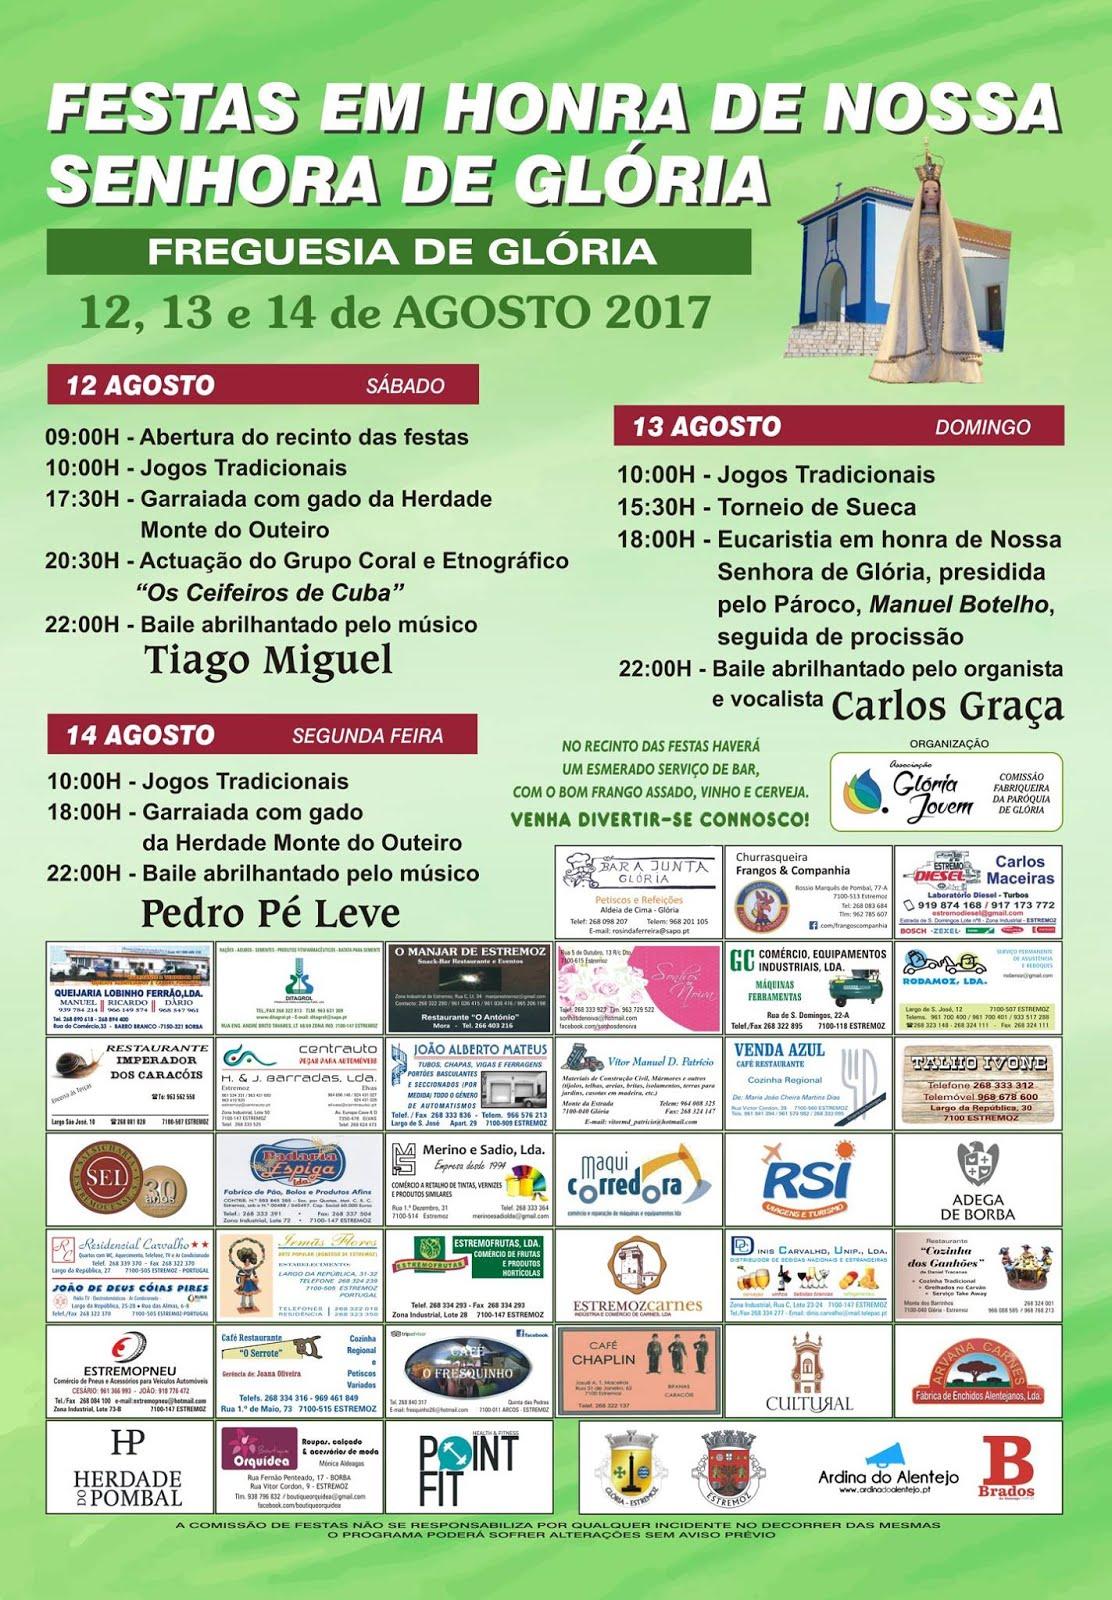 FESTAS EM HONRA DE NOSSA SENHORA DA GLÓRIA - FREGUESIA DE GLÓRIA (ESTREMOZ)